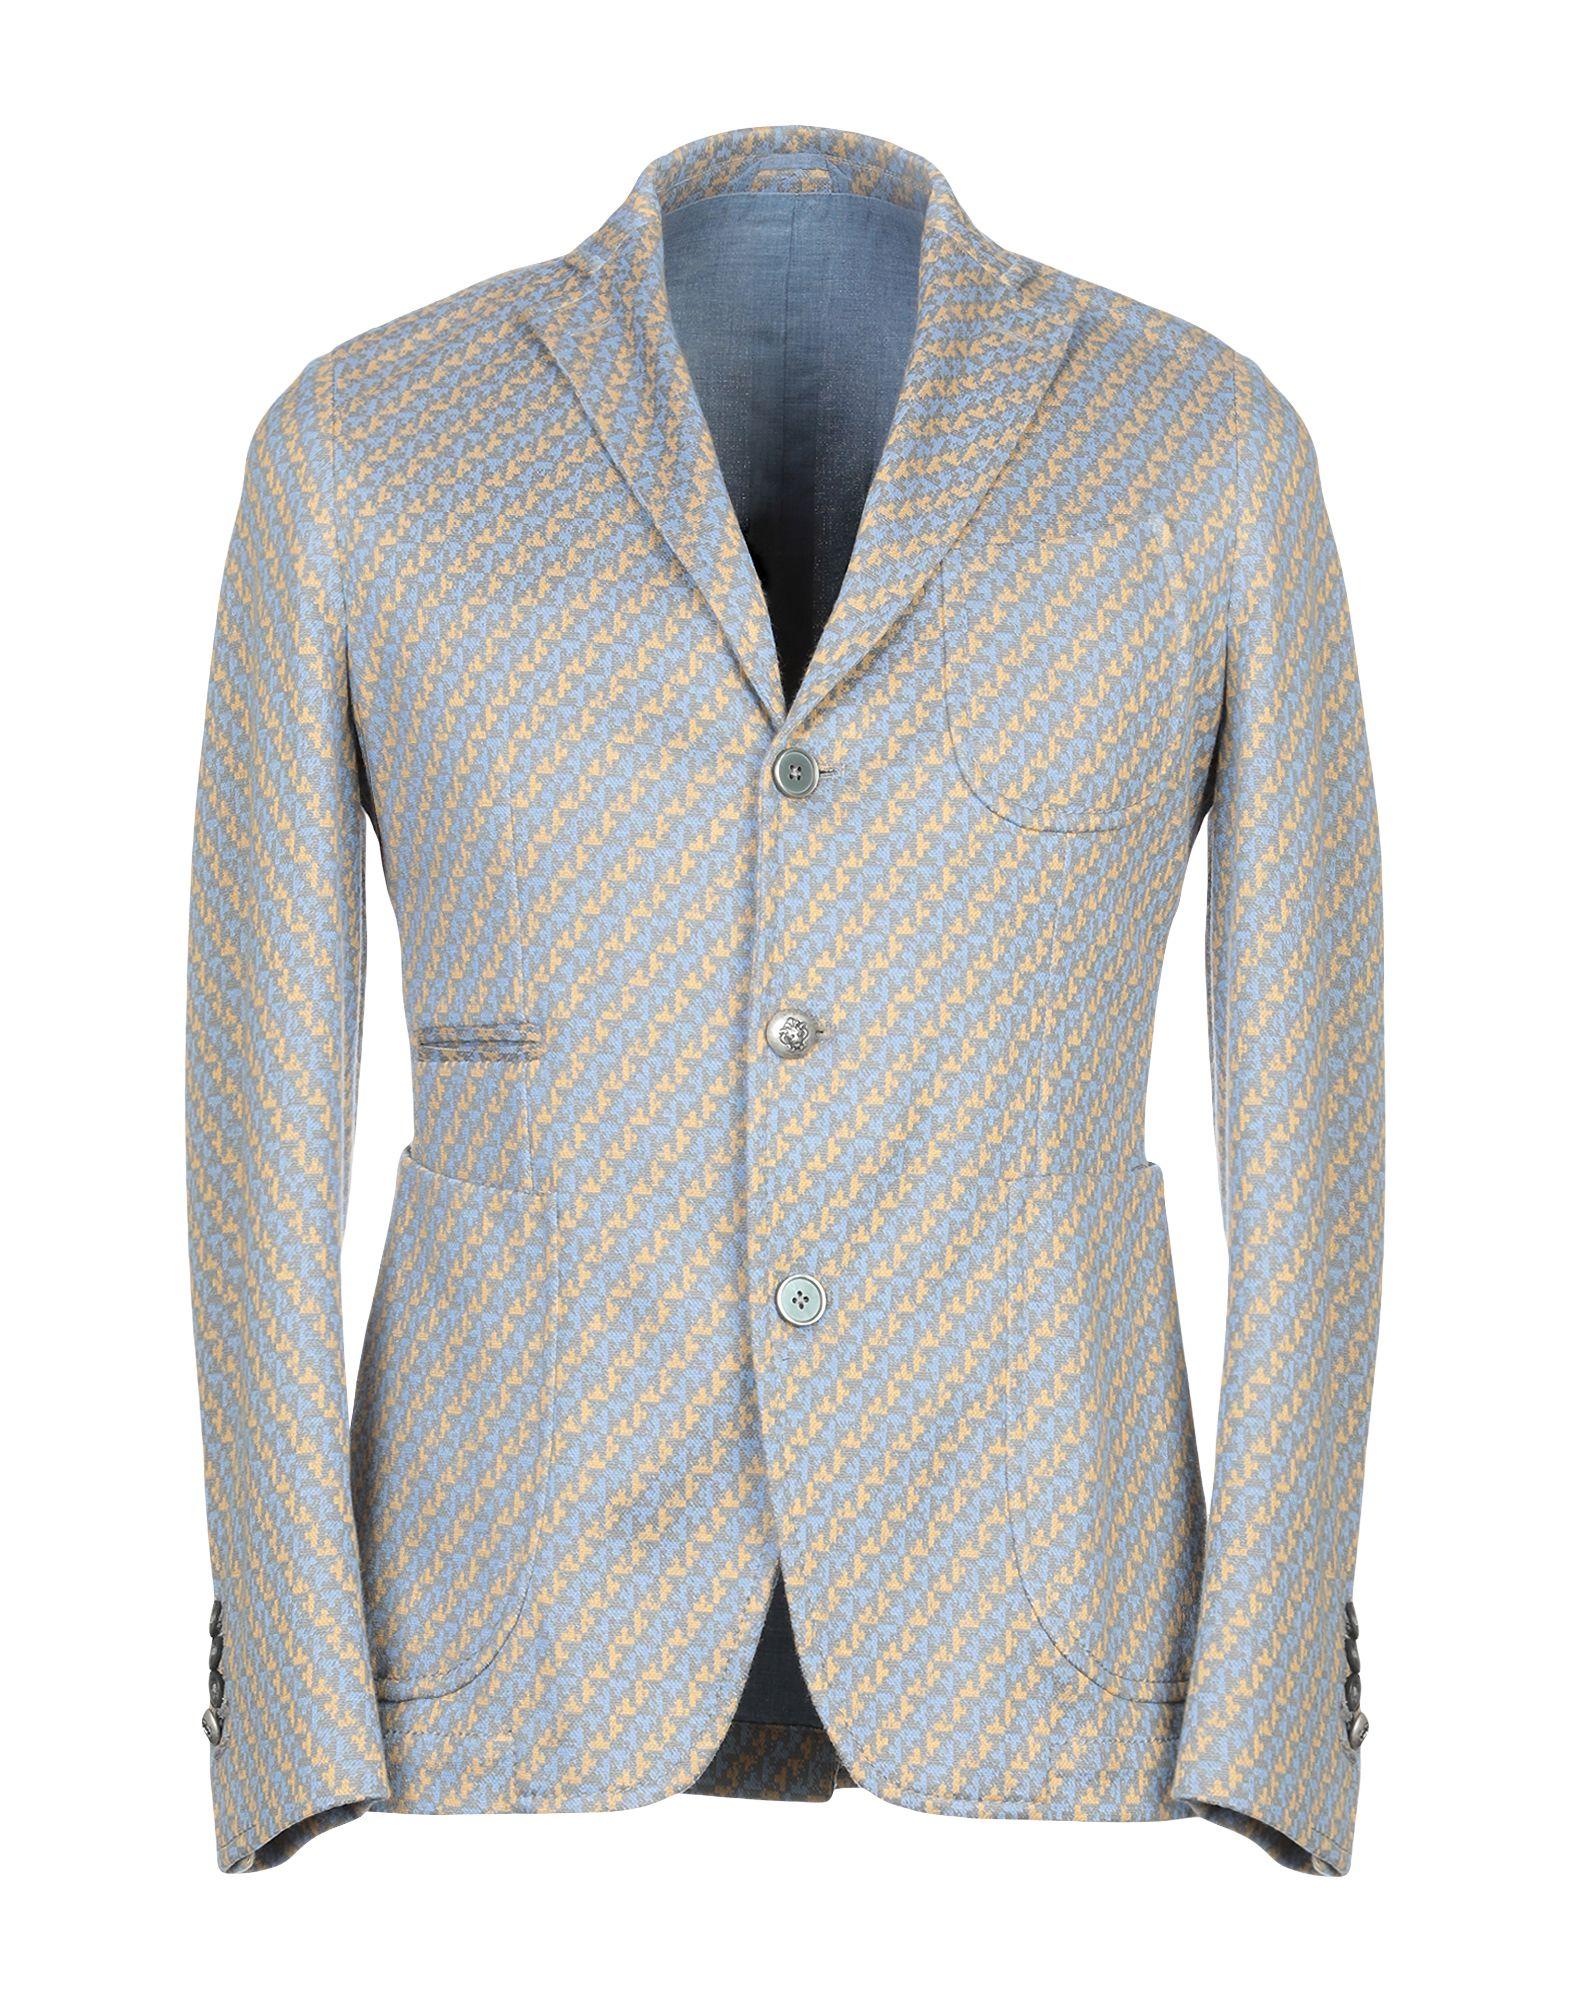 《期間限定セール開催中!》JOHN SHEEP メンズ テーラードジャケット アジュールブルー 46 コットン 87% / ナイロン 13%